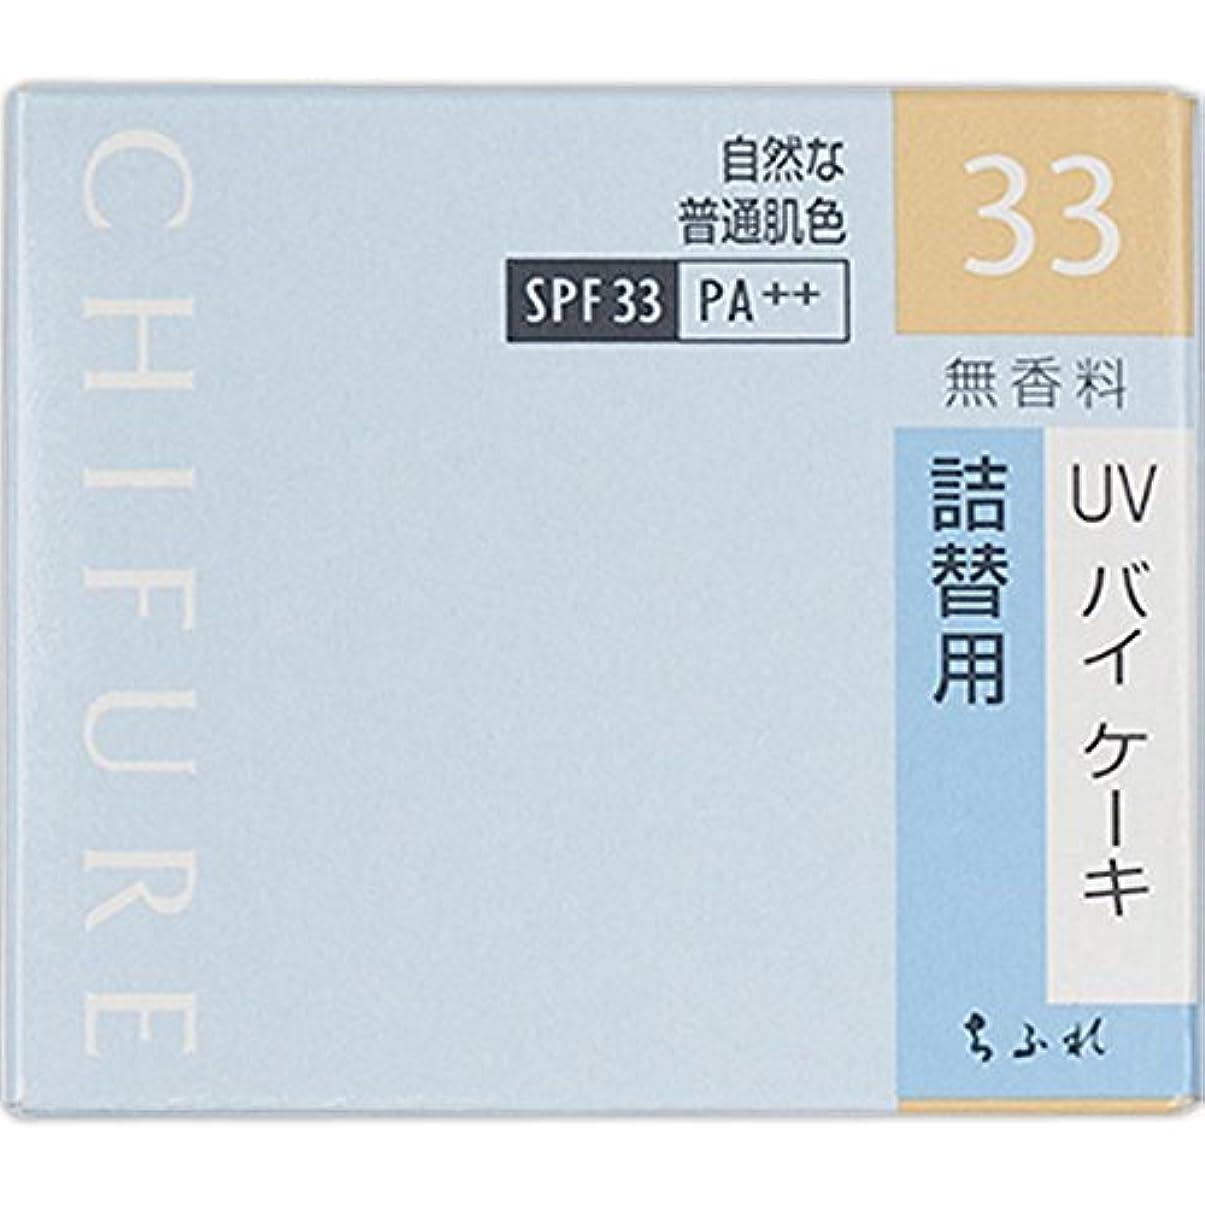 知覚的花束種をまくちふれ化粧品 UV バイ ケーキ 詰替用 33 自然な普通肌色 14g